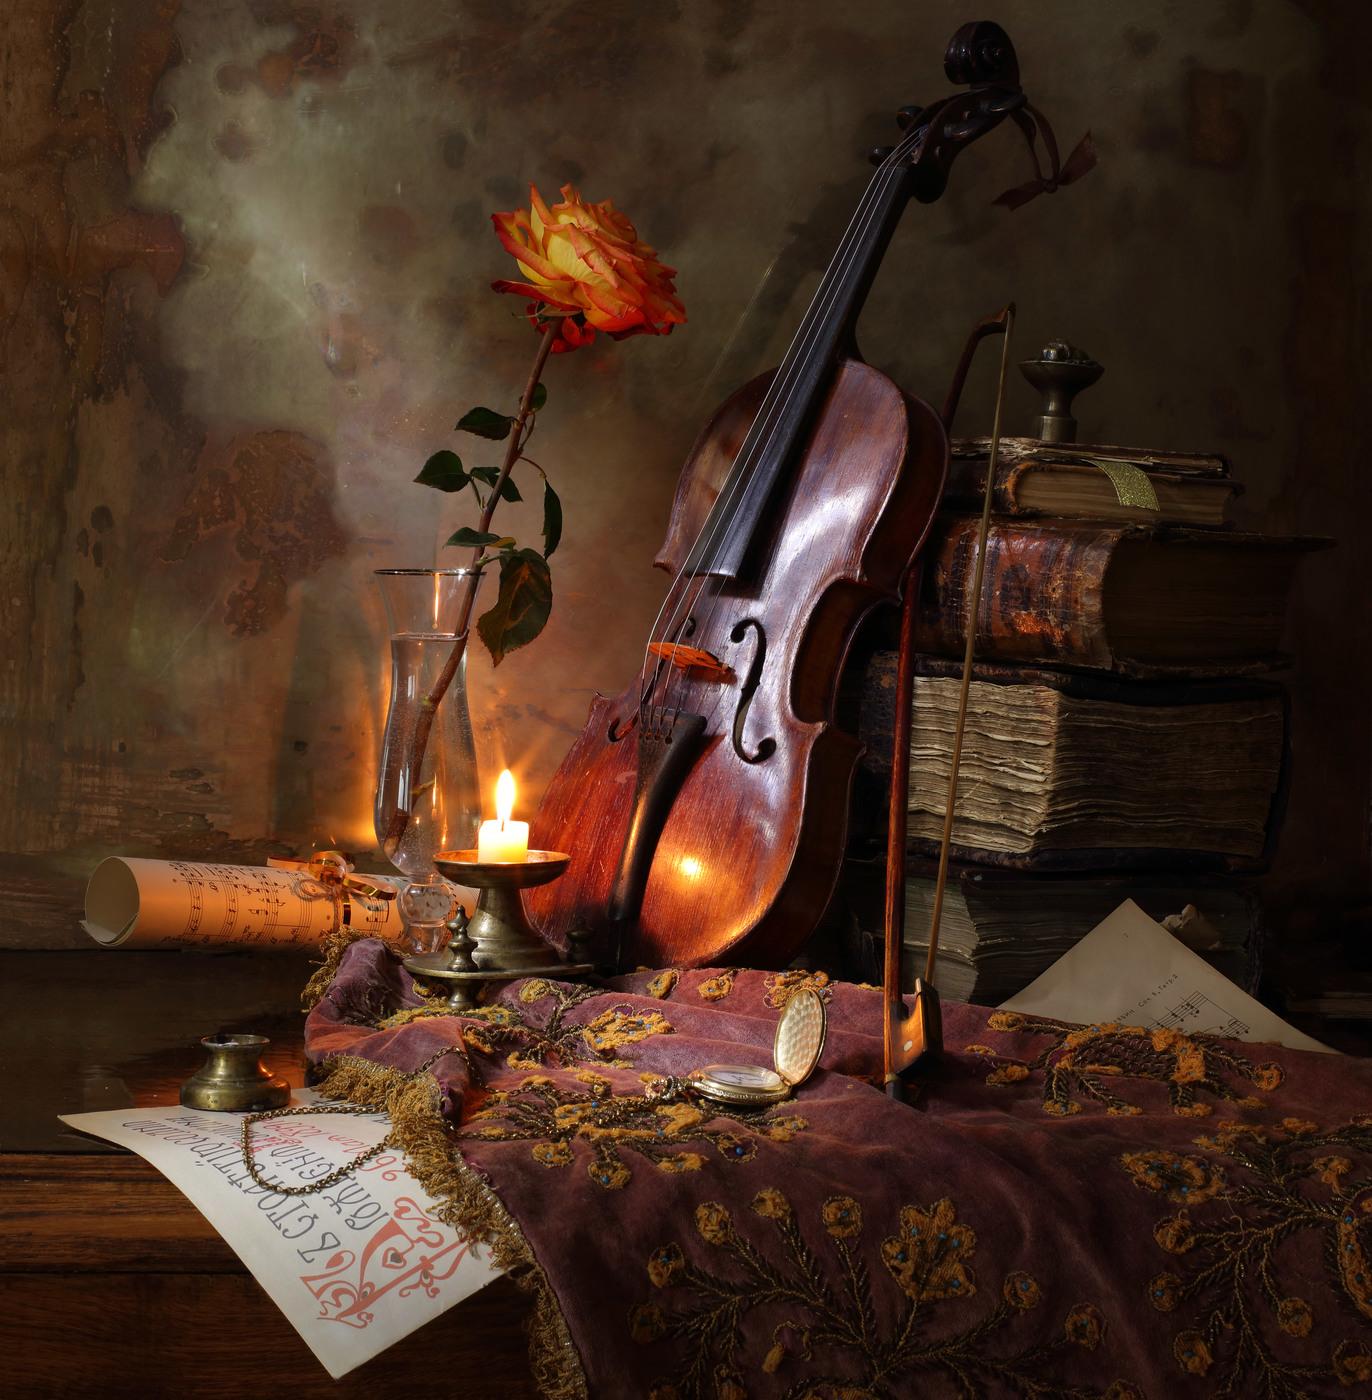 скрипка в фотонатюрмортах вот скрапбукингом